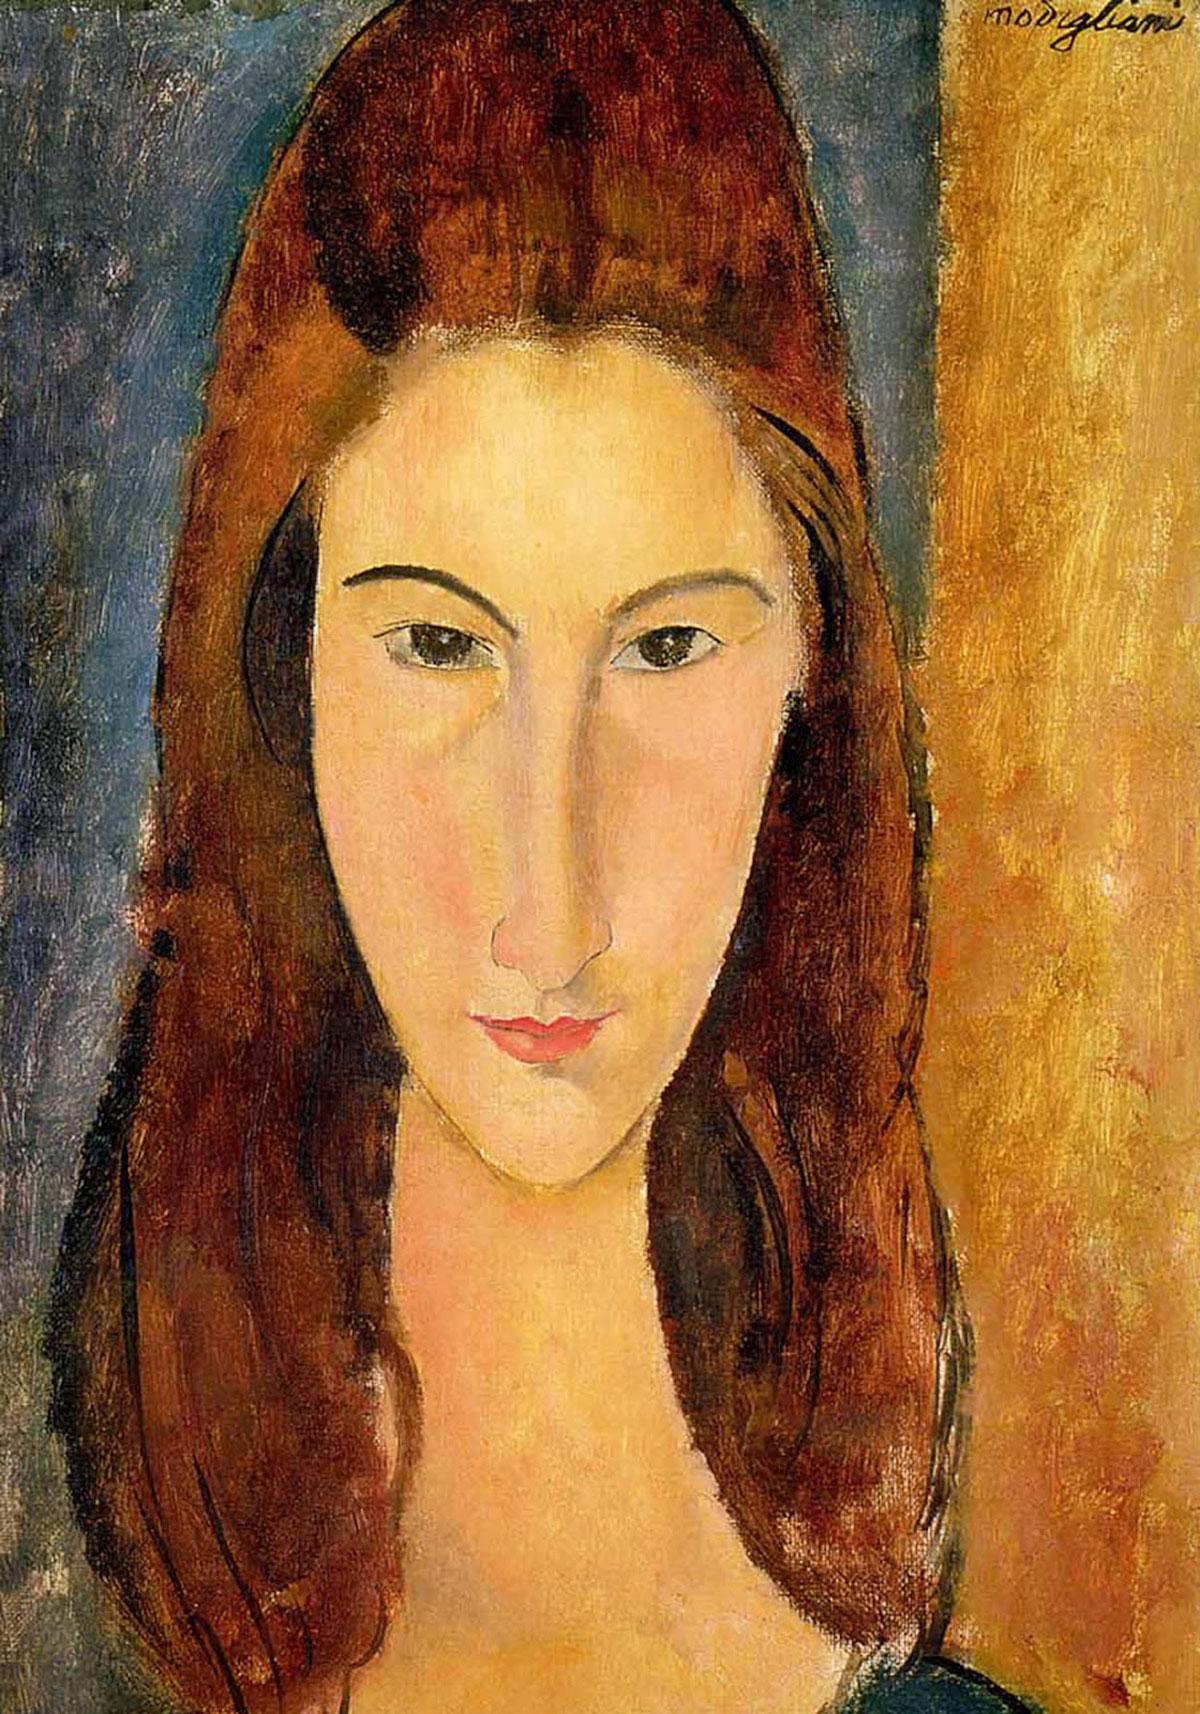 Portrait of Jeanne Hébuterne /Ritratto frontale di Jeanne Hébuterne/ + Modigliani, Amedeo Clemente *magnifico